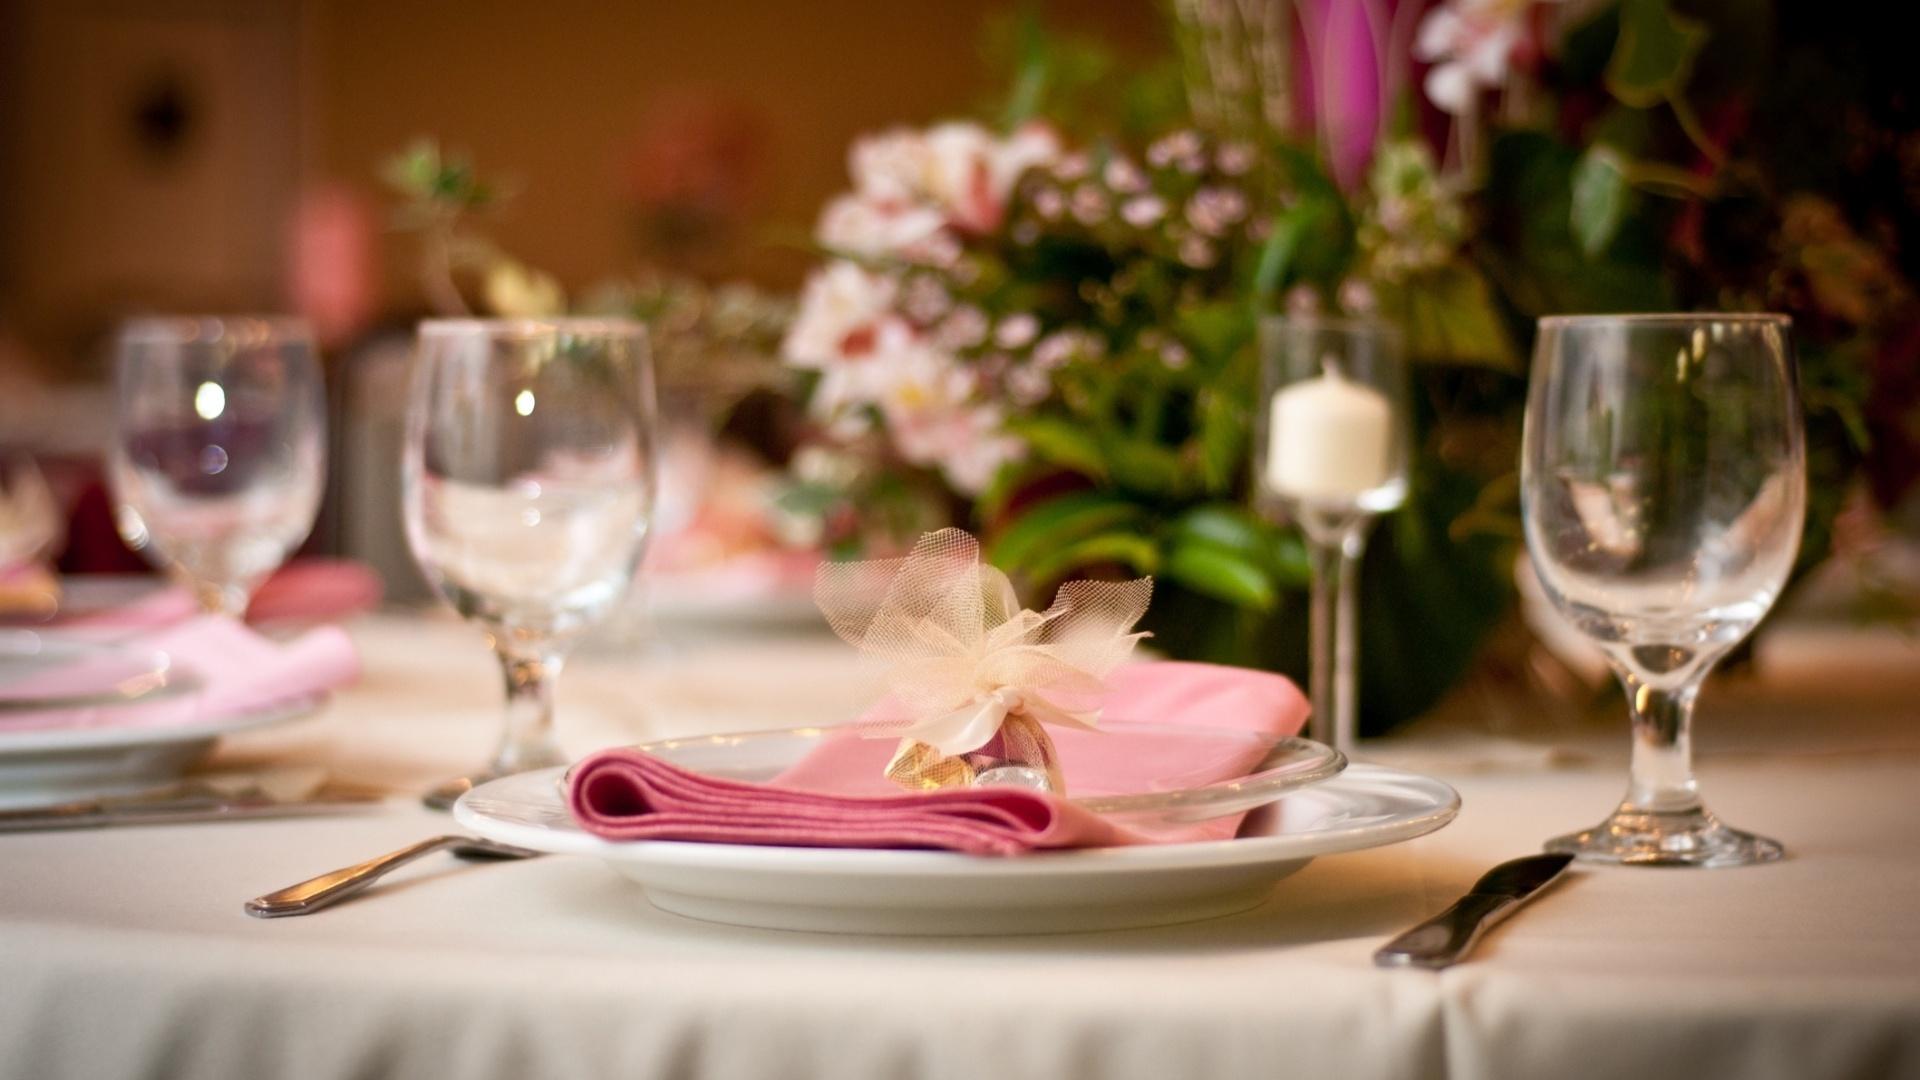 decoracao e casamento:18 Modelos de Decoração de Mesa para casamento